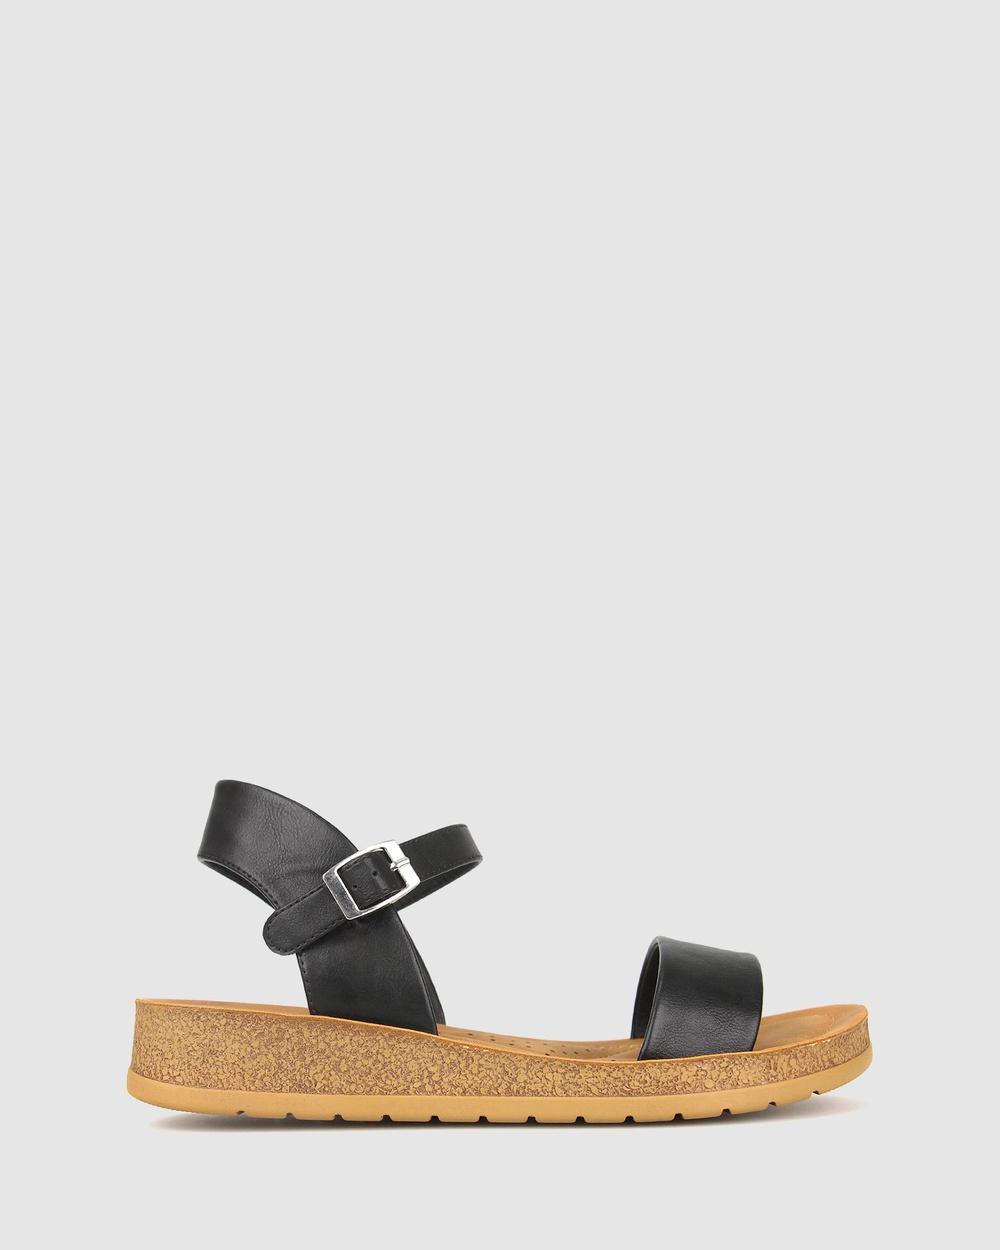 Zeroe Ramble Comfort Sandals Black